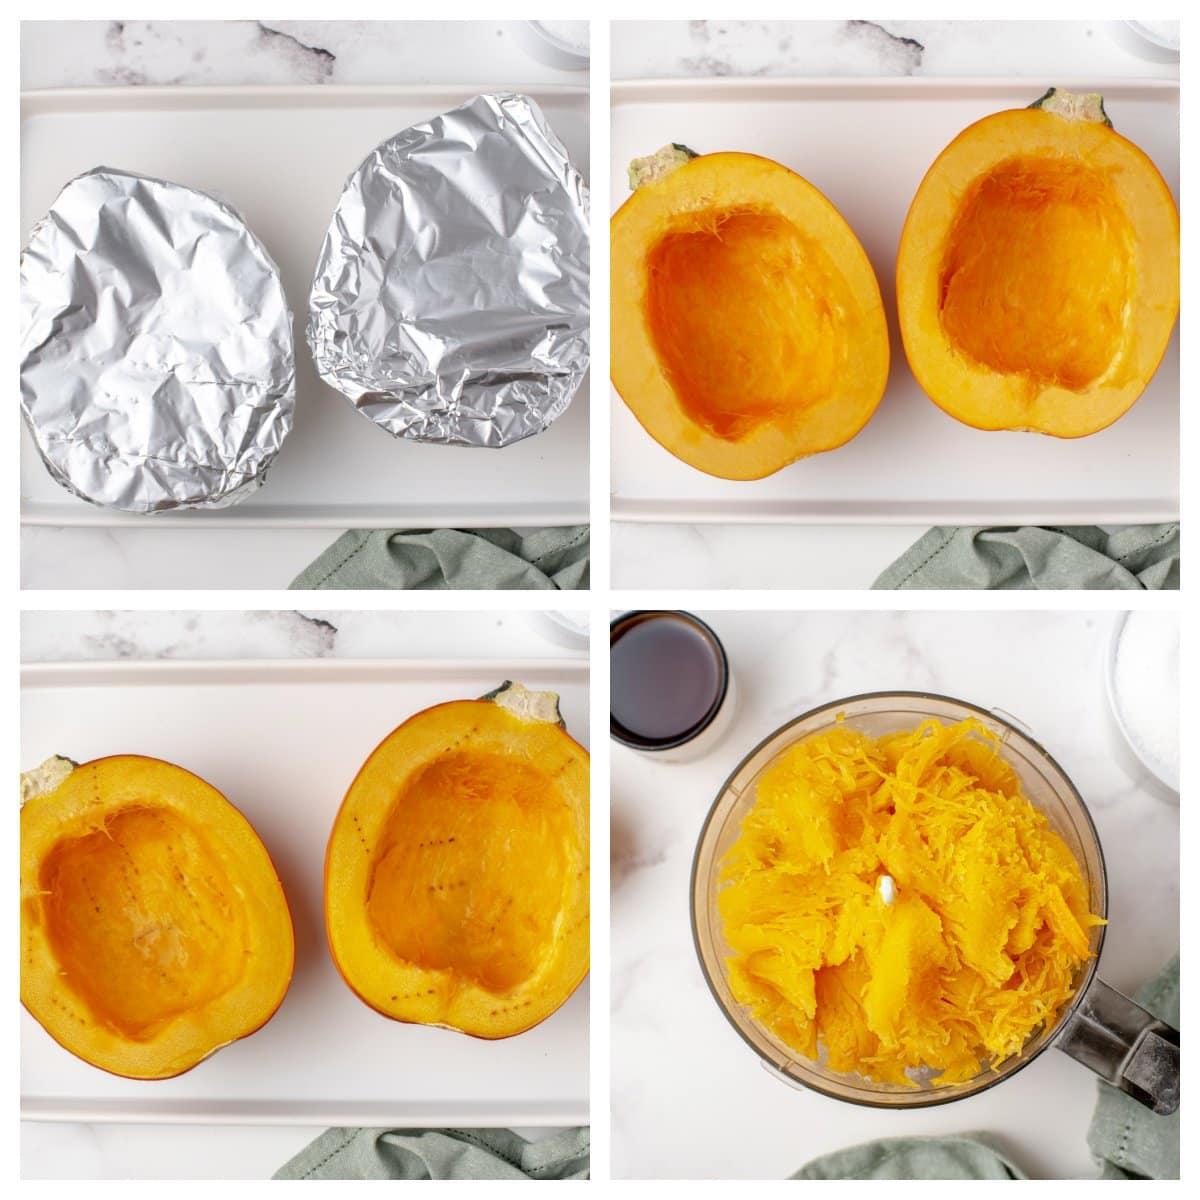 how to roast a pumpkin for puree